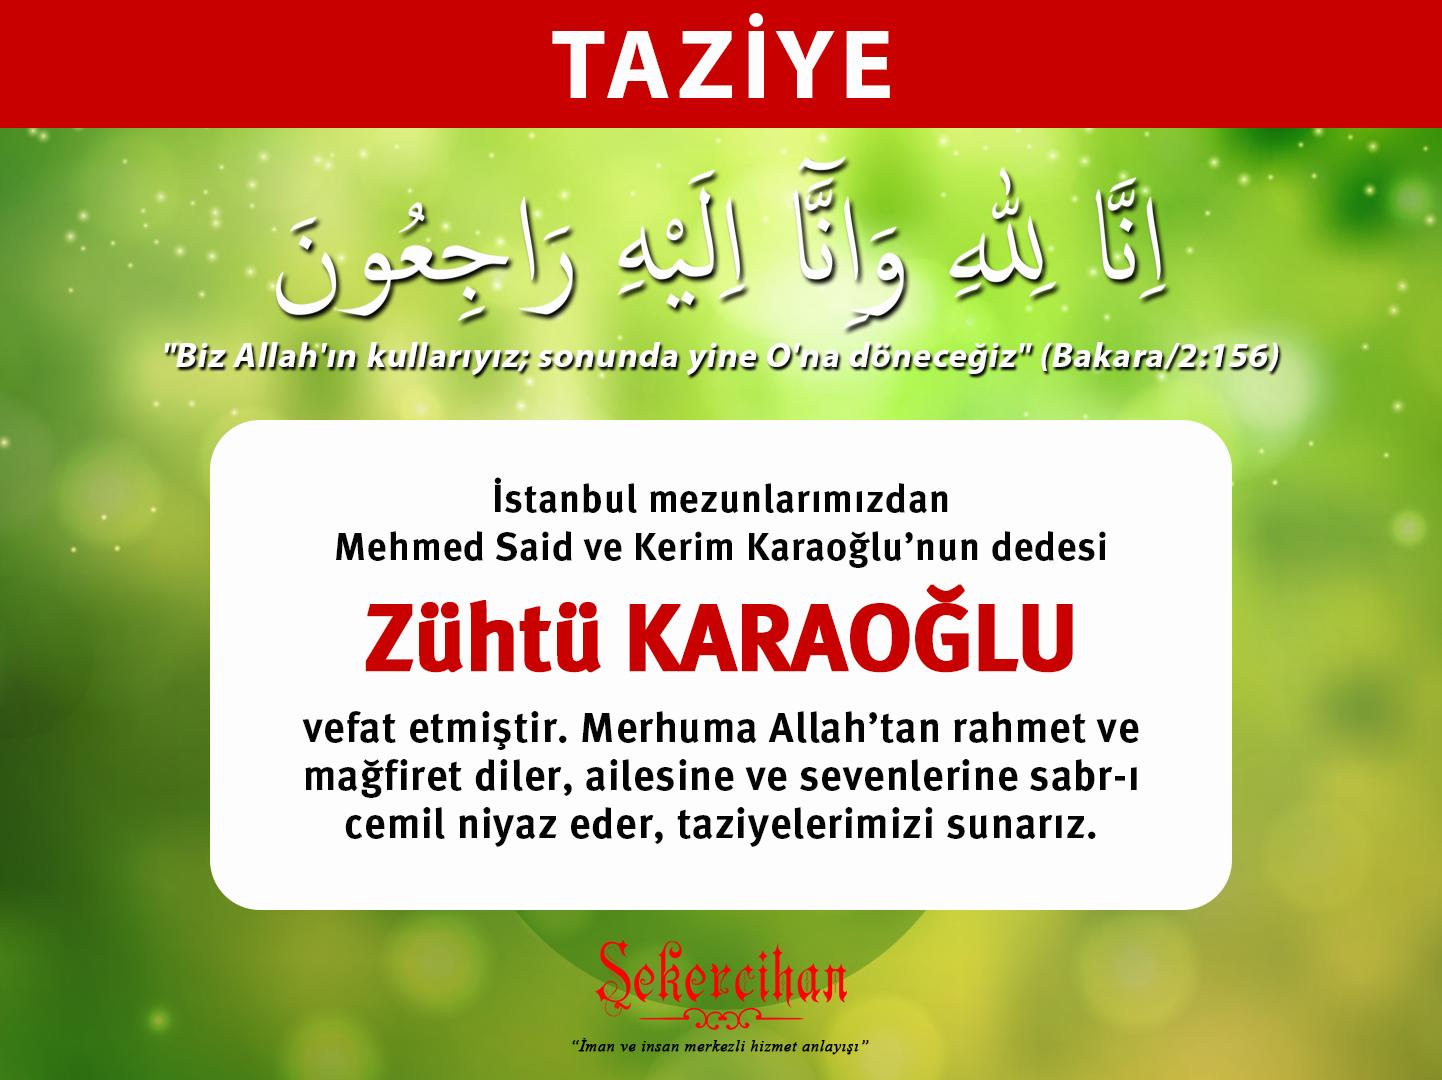 Taziye – Zühtü Karaoğlu